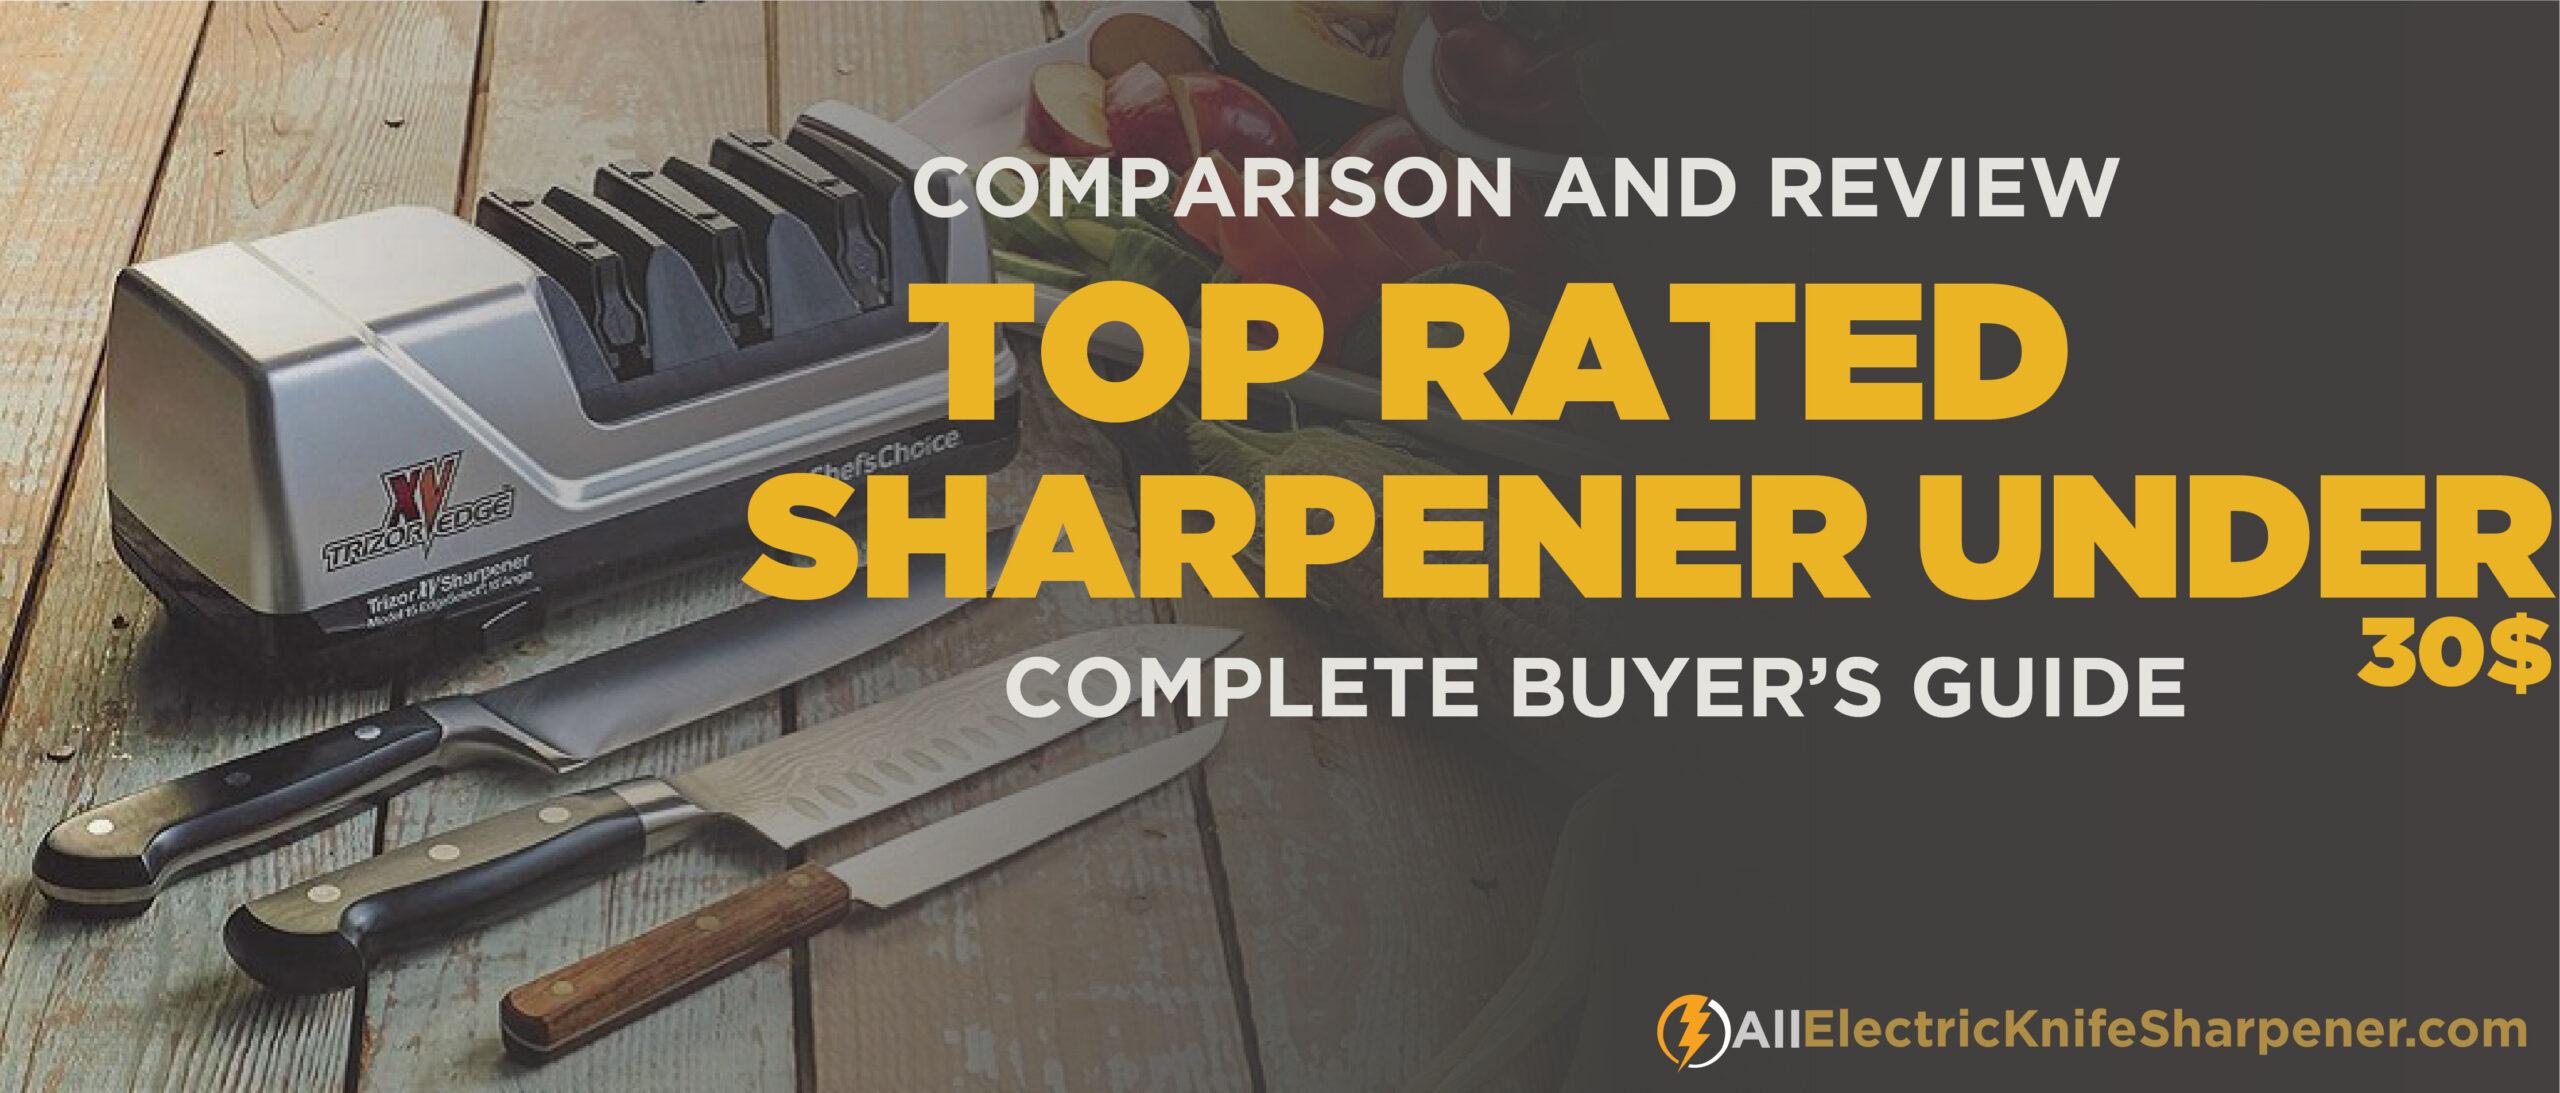 Best Electric Knife Sharpener Under $30 in 2020